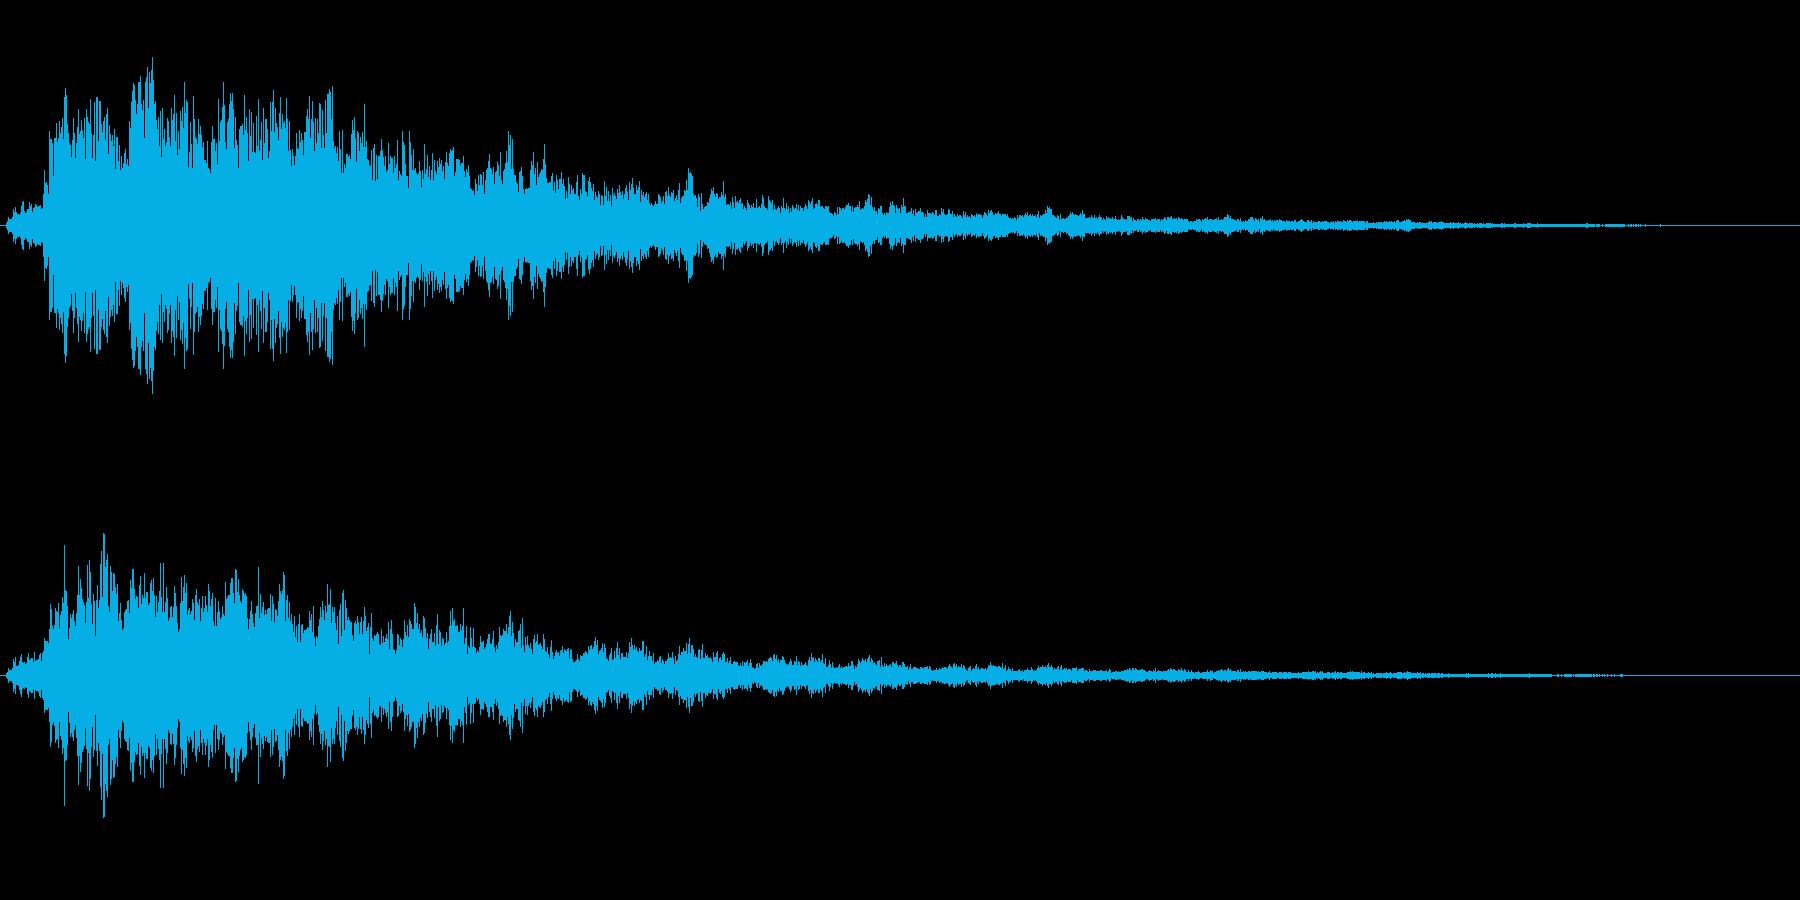 コカァァ〜ン(眺めで不思議さを出す音)の再生済みの波形